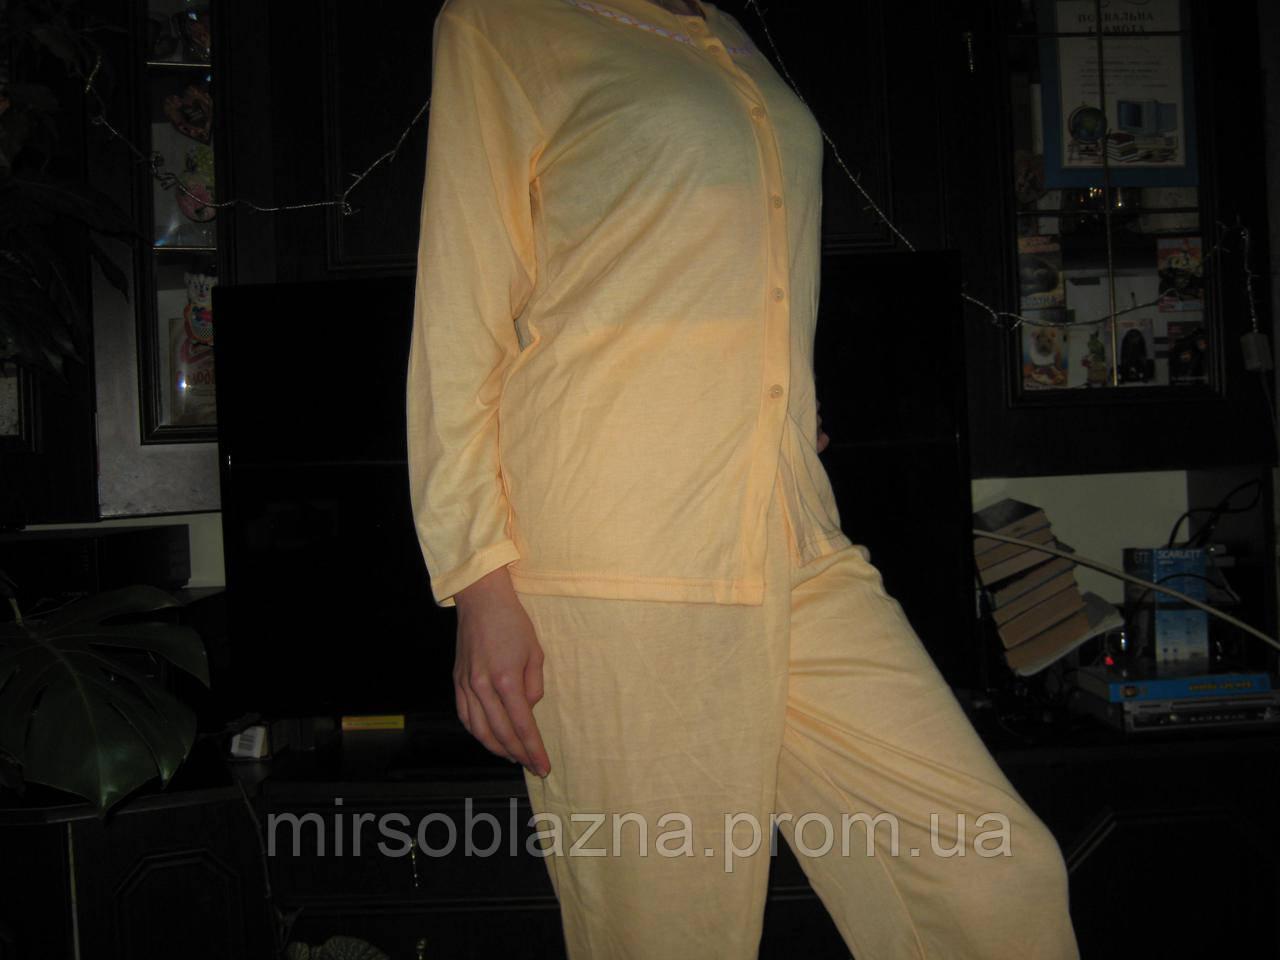 Пижама женская желтая и розовая 100% хлопок размер ХХL (50-52) на пуго